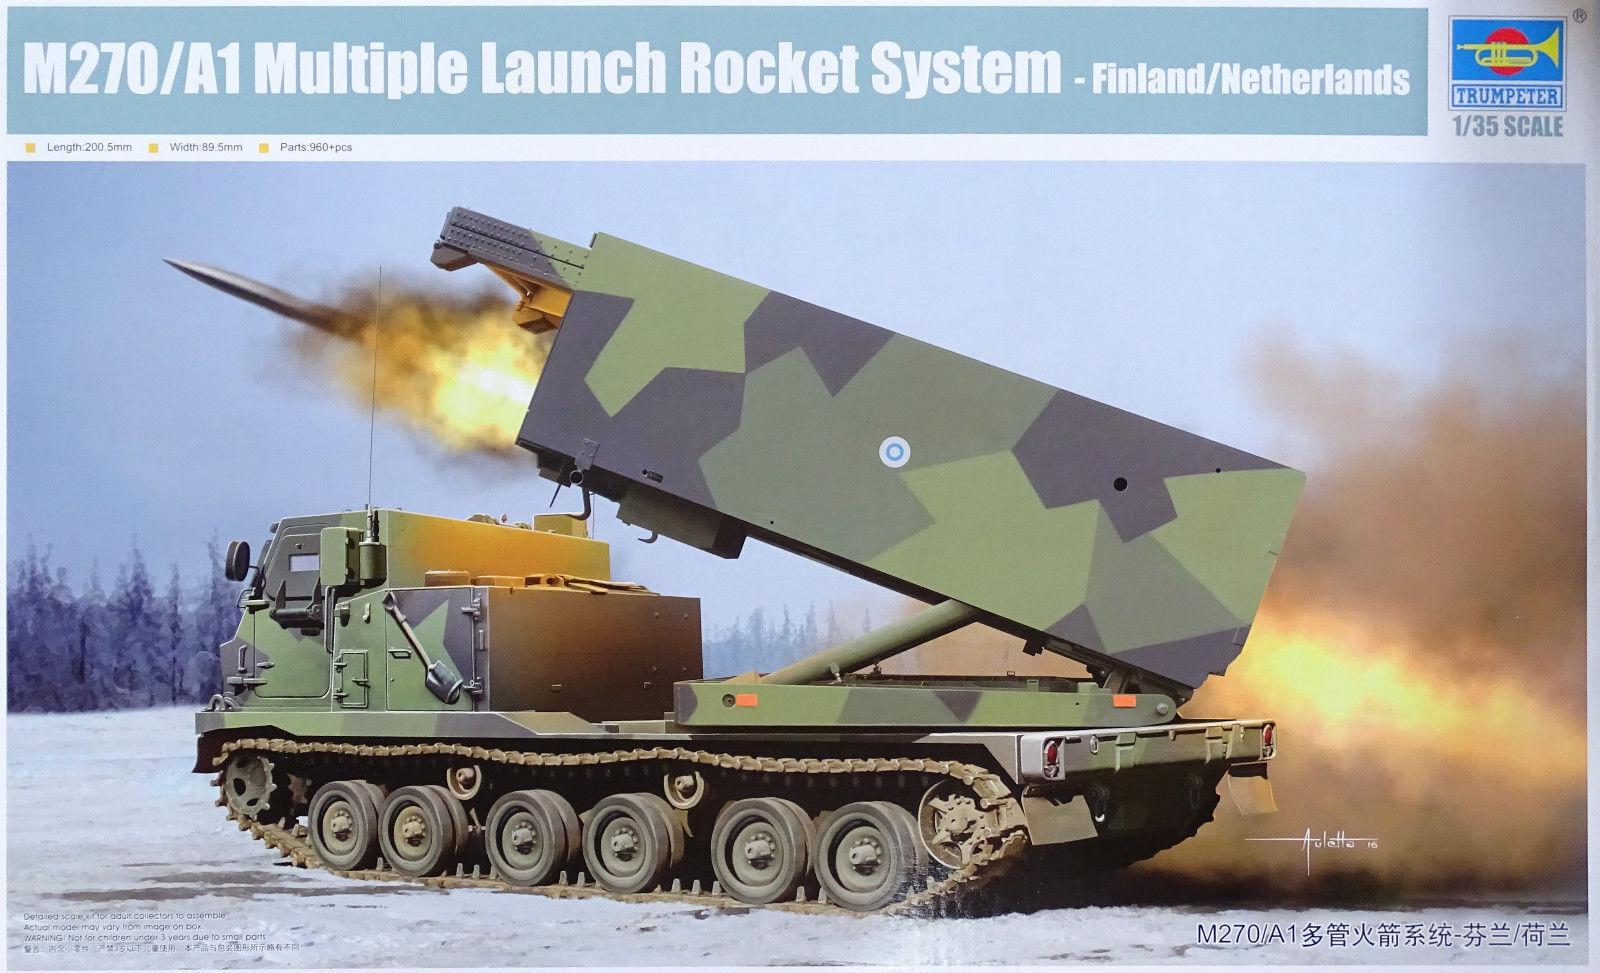 venta de ofertas Trumpeter M270 A1 Múltiple Lanzamiento Cohete Cohete Cohete System Finlandia Netherlands 1  3  respuestas rápidas